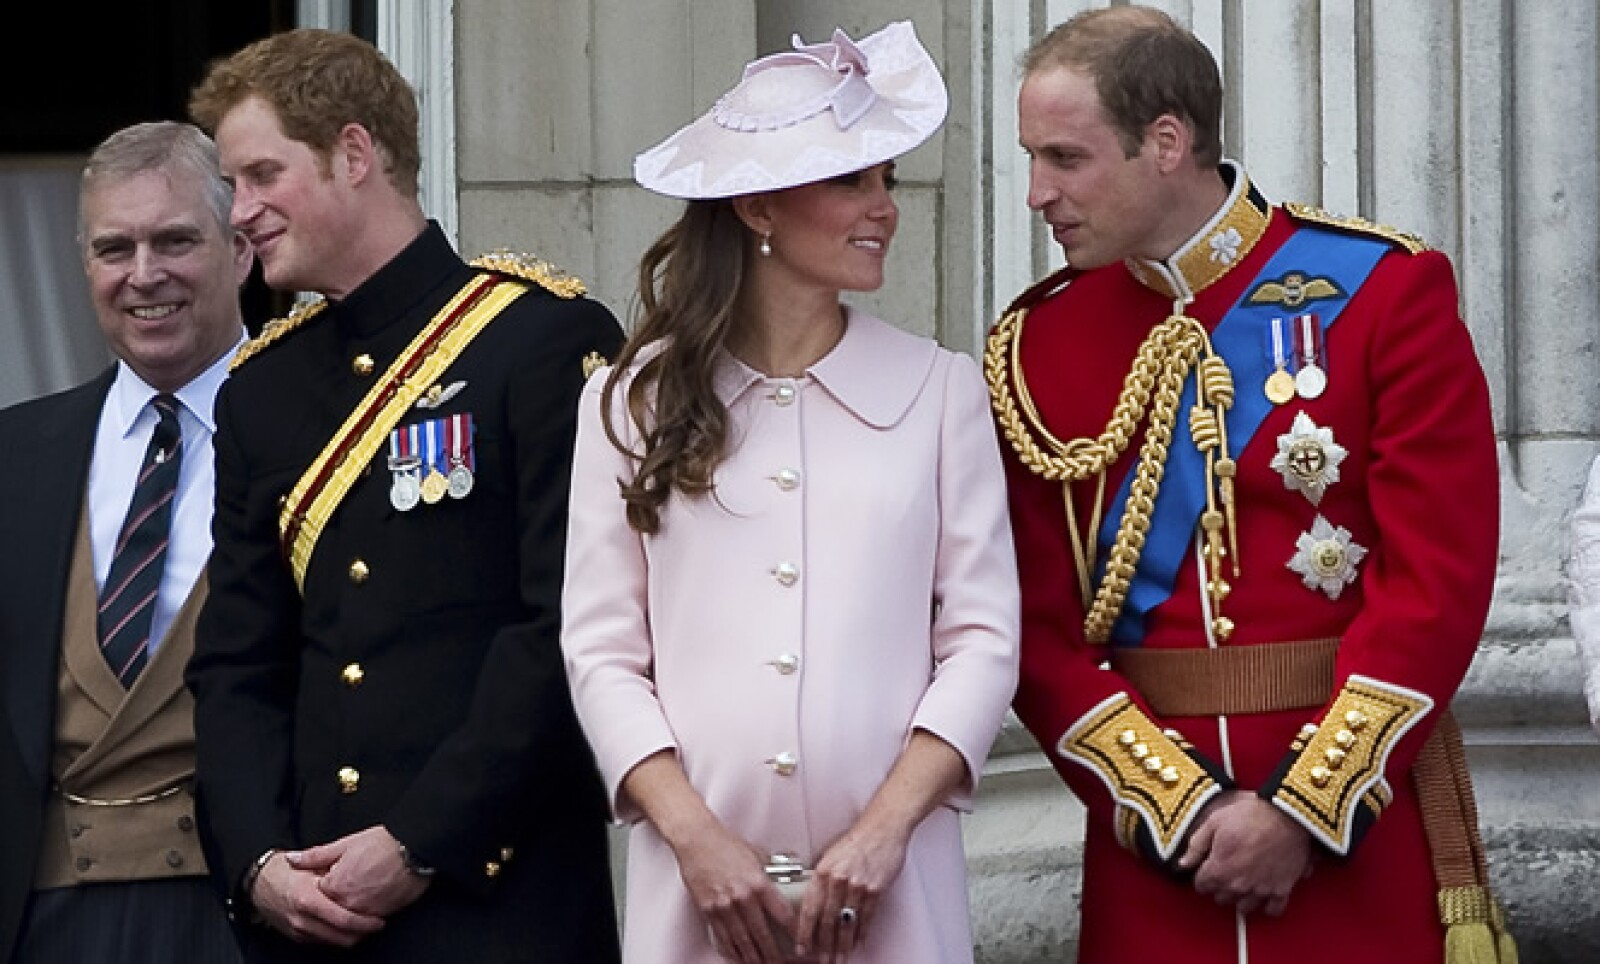 Kate y William esperan la llegada de su primer hijo, quien será el tercero en la línea de sucesión del trono británico.